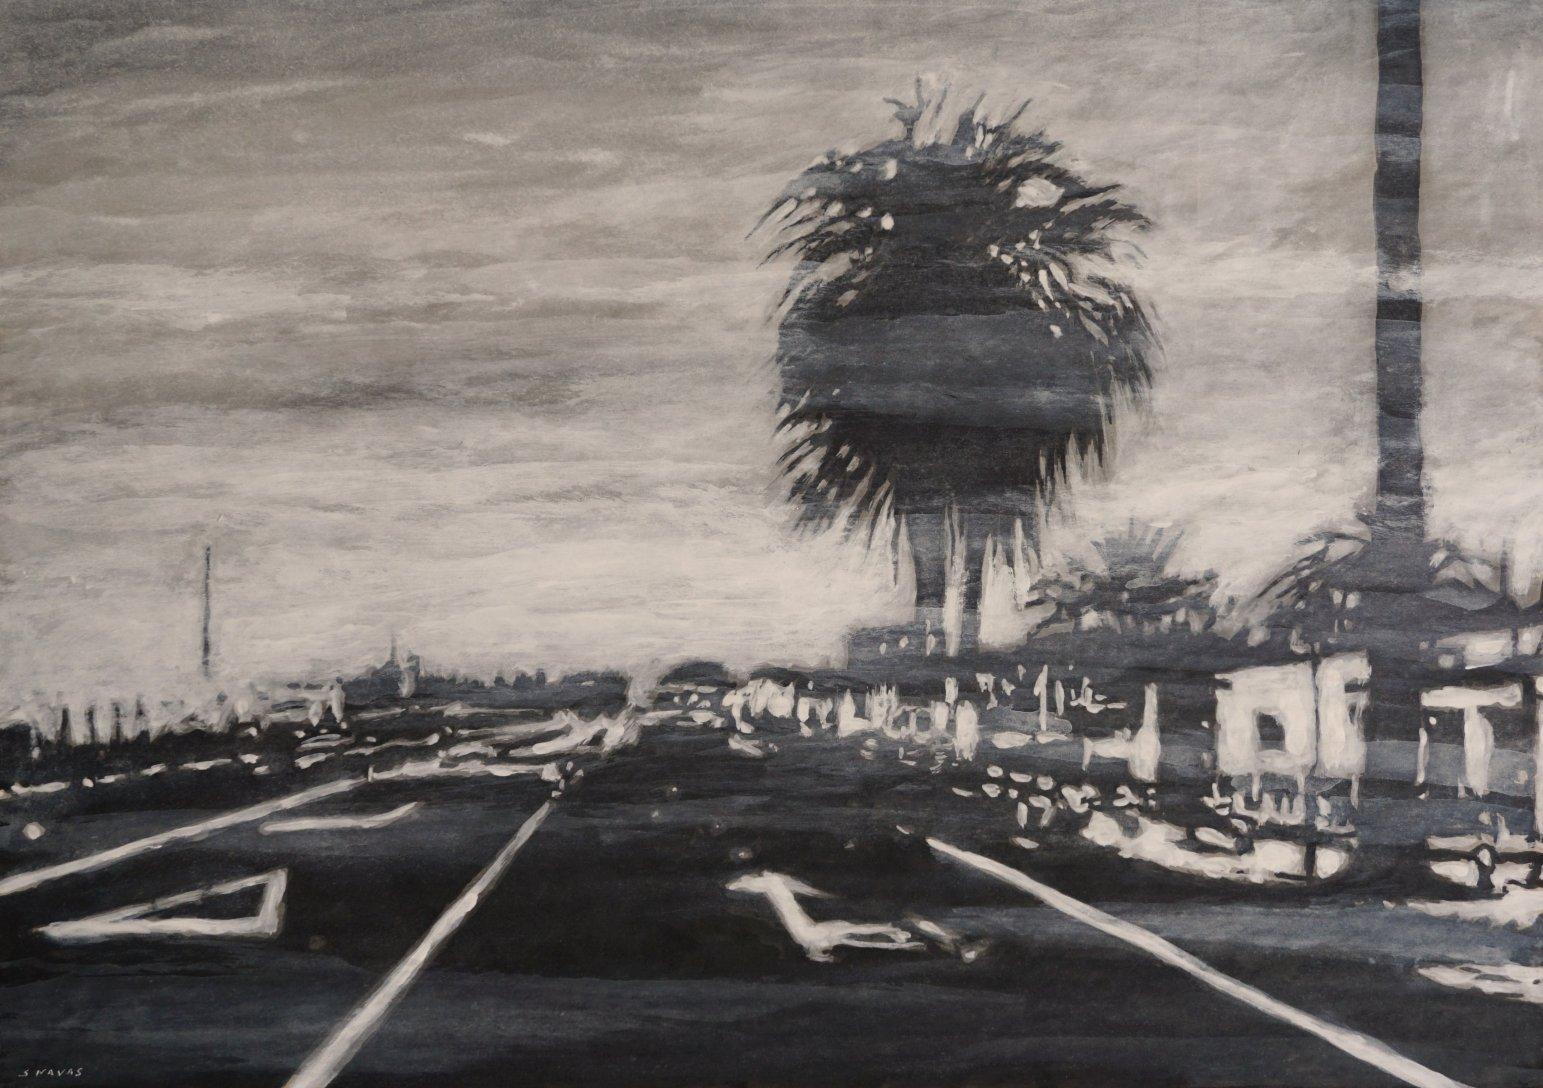 Carretera y palmera (2017) - Sebastián Navas